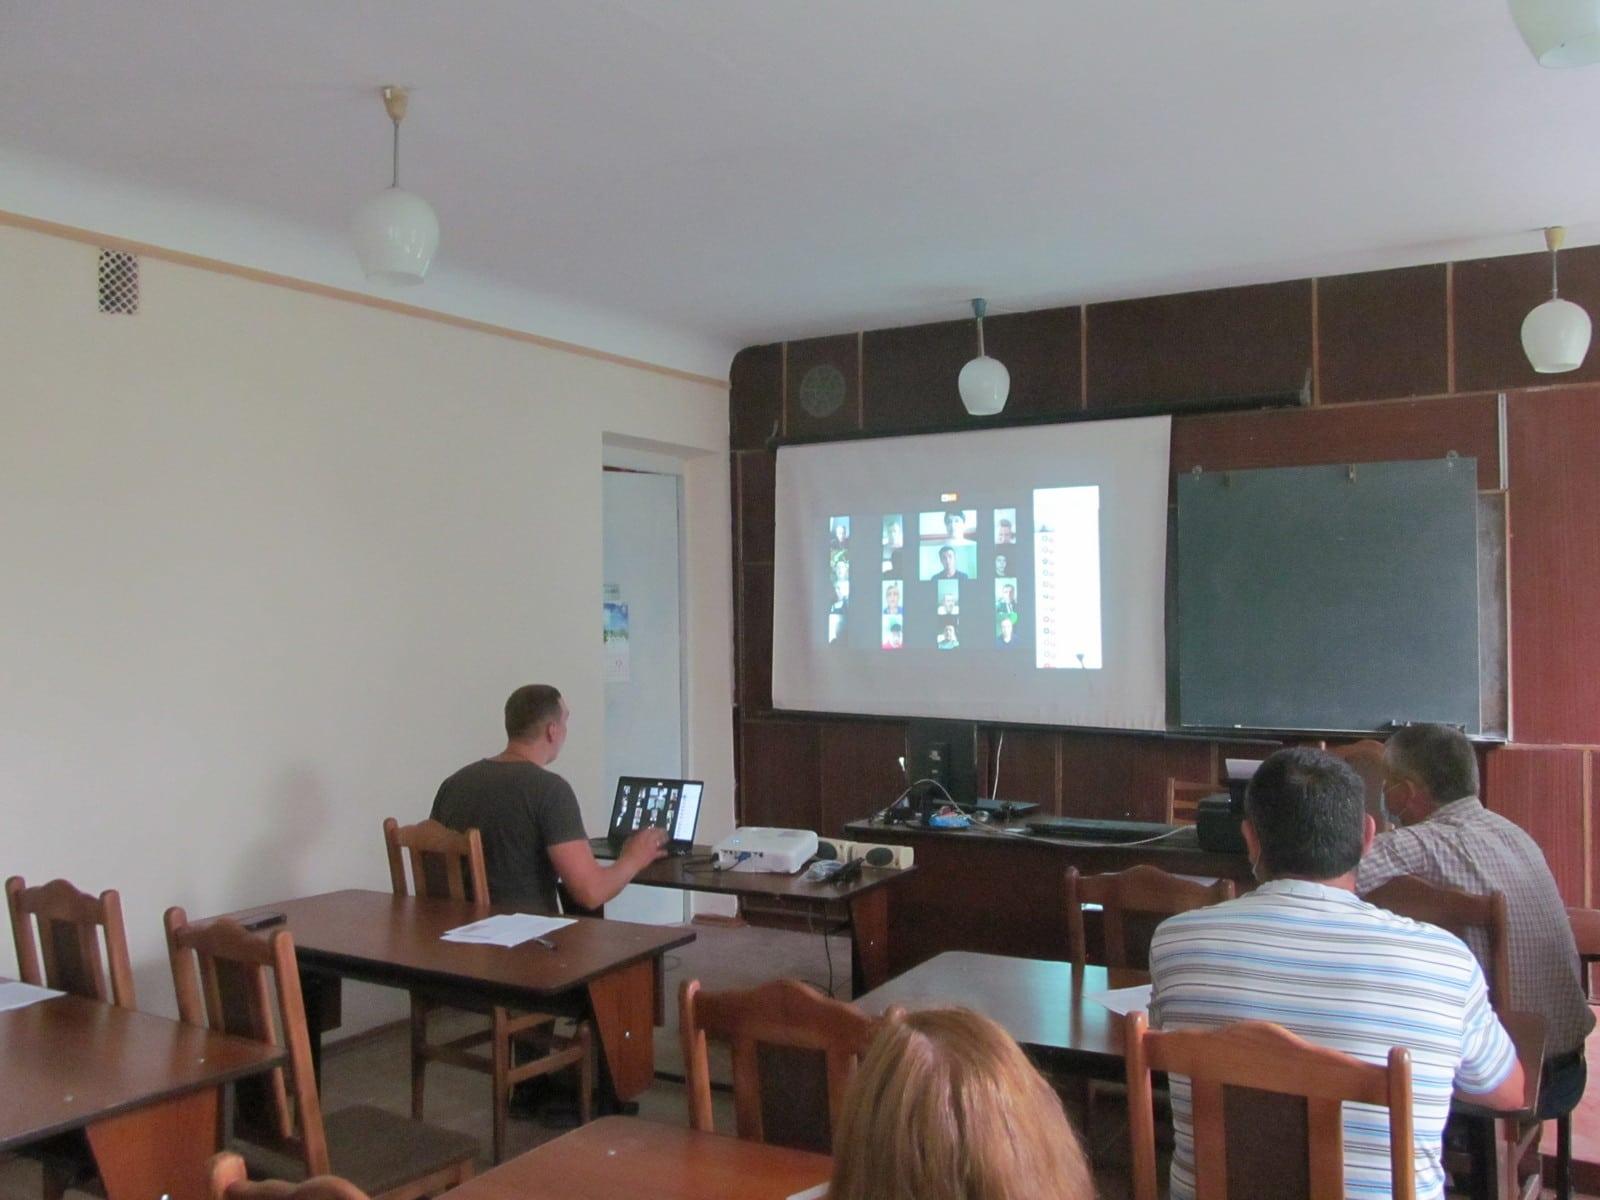 Державна кваліфікаційна атестація у групі 31т3 з використанням технологій дистанційного навчання